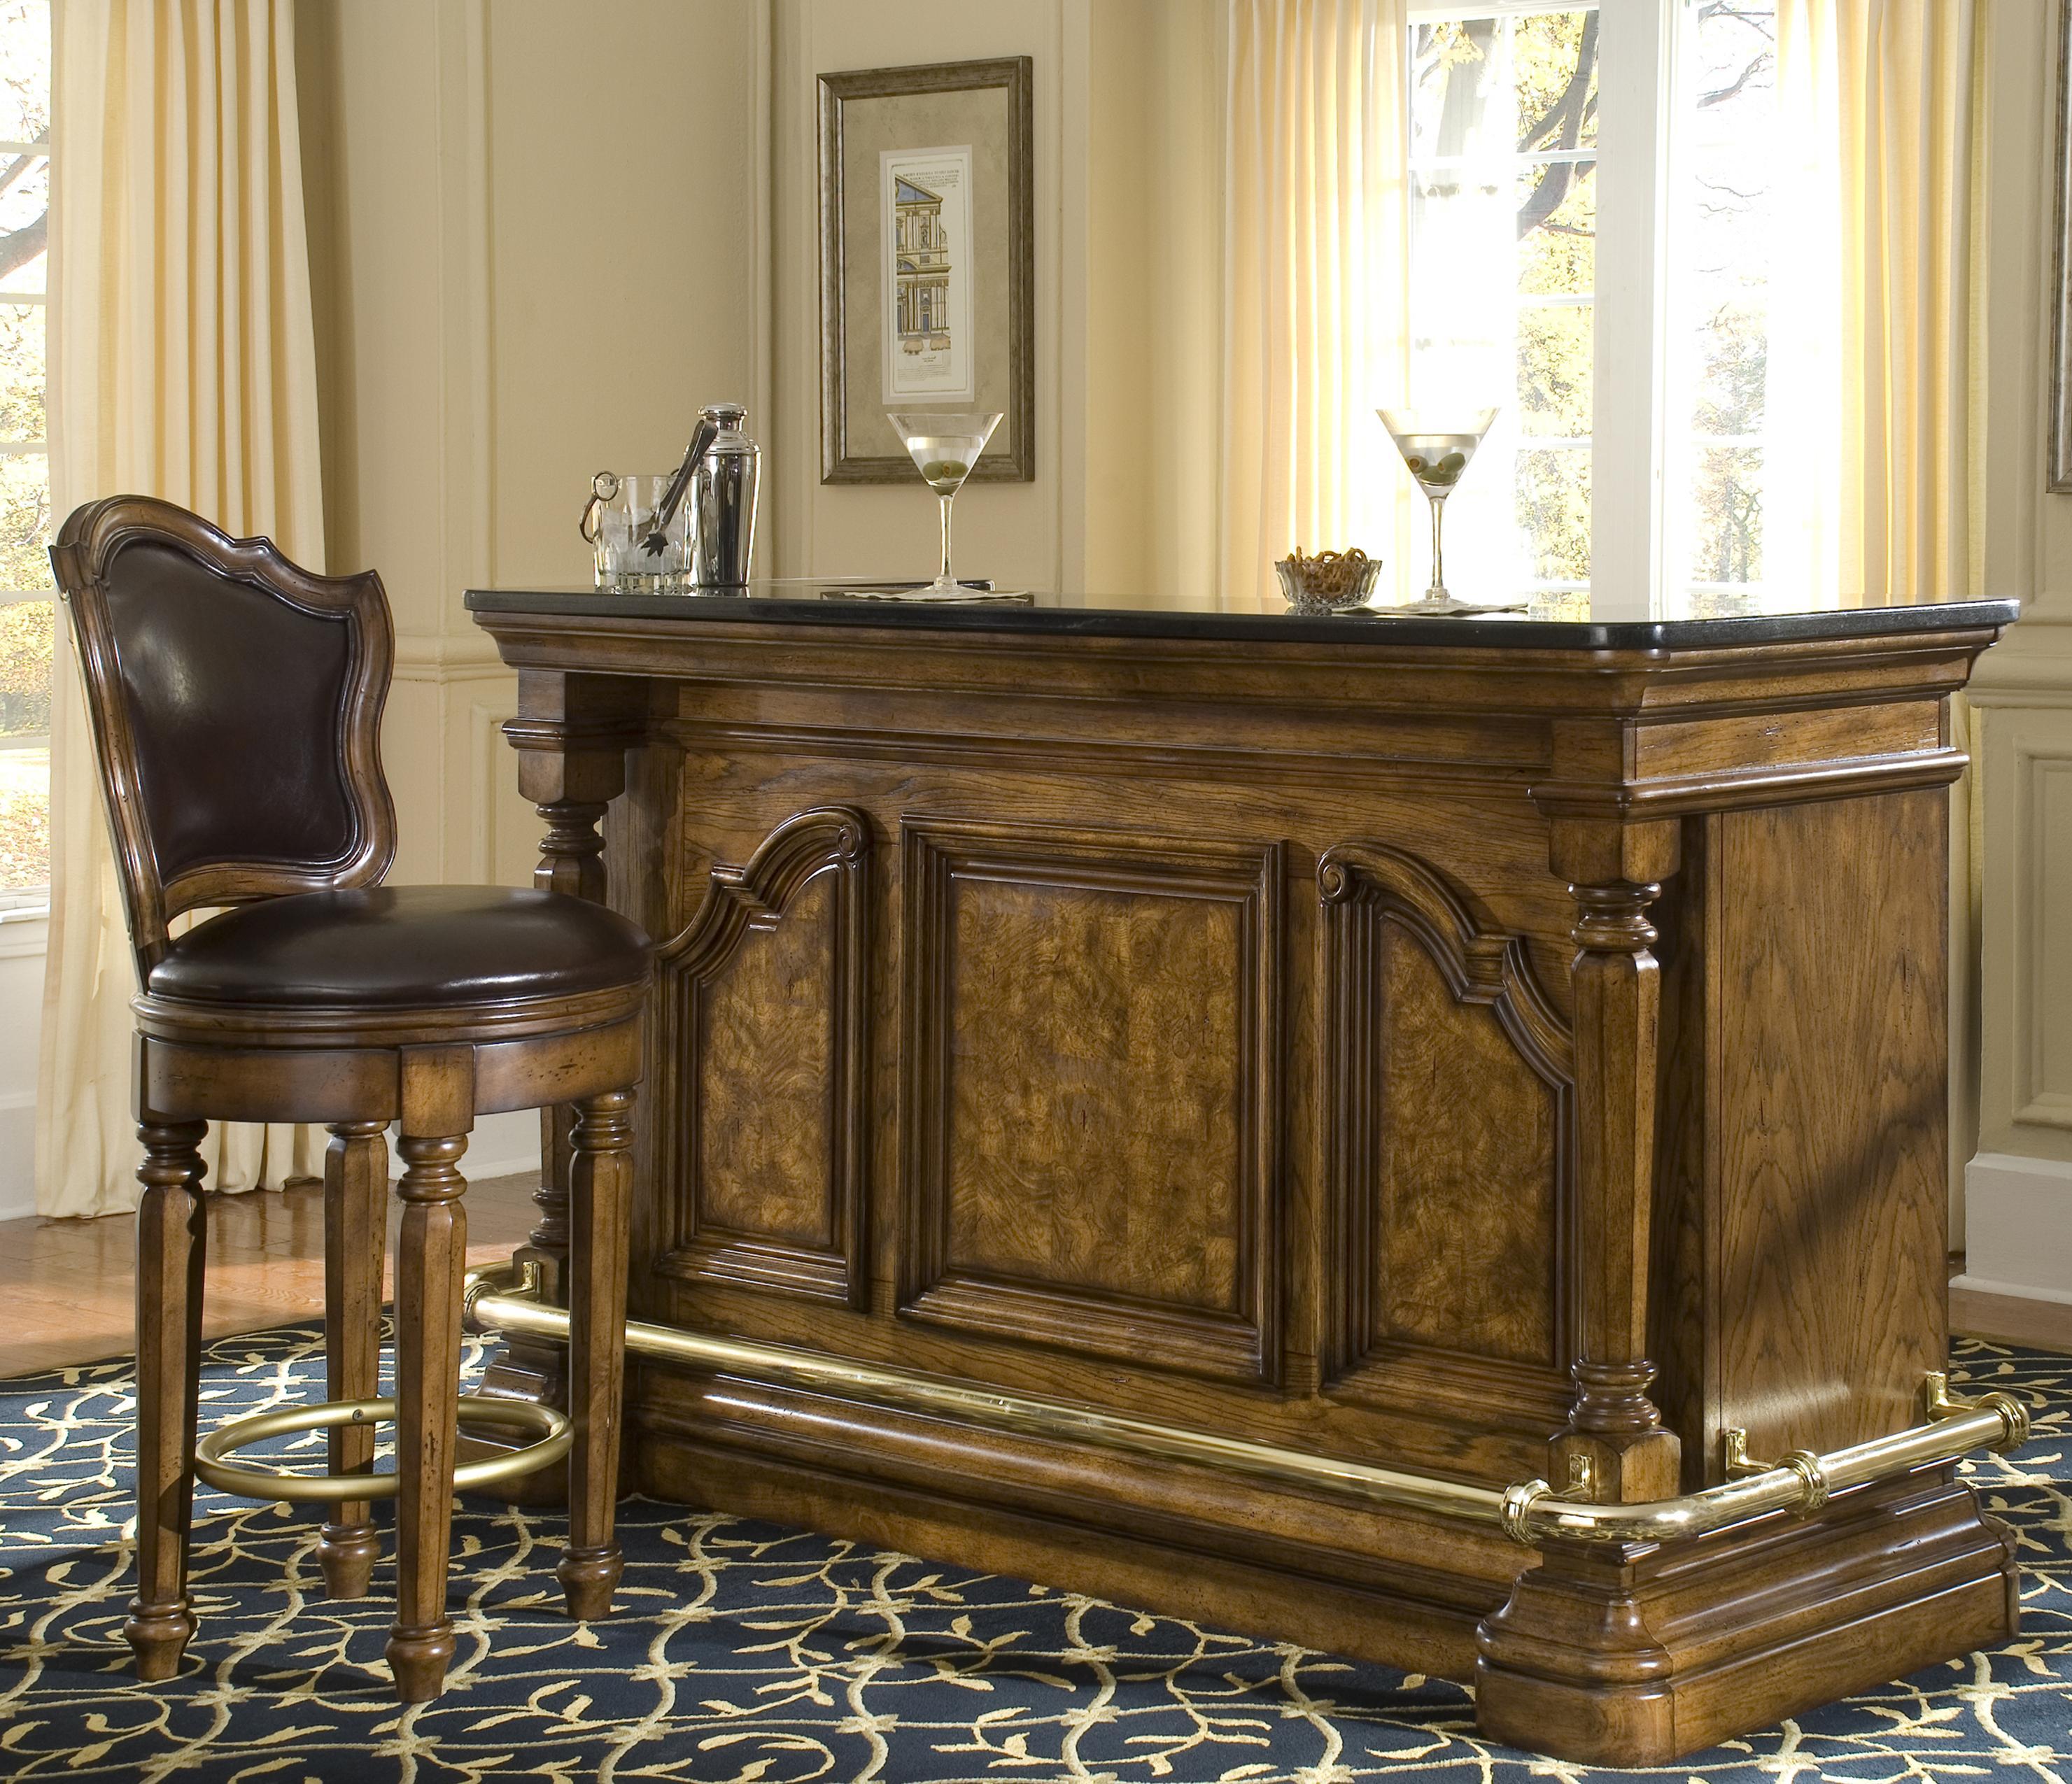 Pulaski Furniture San Mateo Bar Stool with Upholstered  : products2Fpulaskifurniture2Fcolor2Fsan20mateo662501 b2 from www.dunkandbright.com size 2961 x 2550 jpeg 909kB